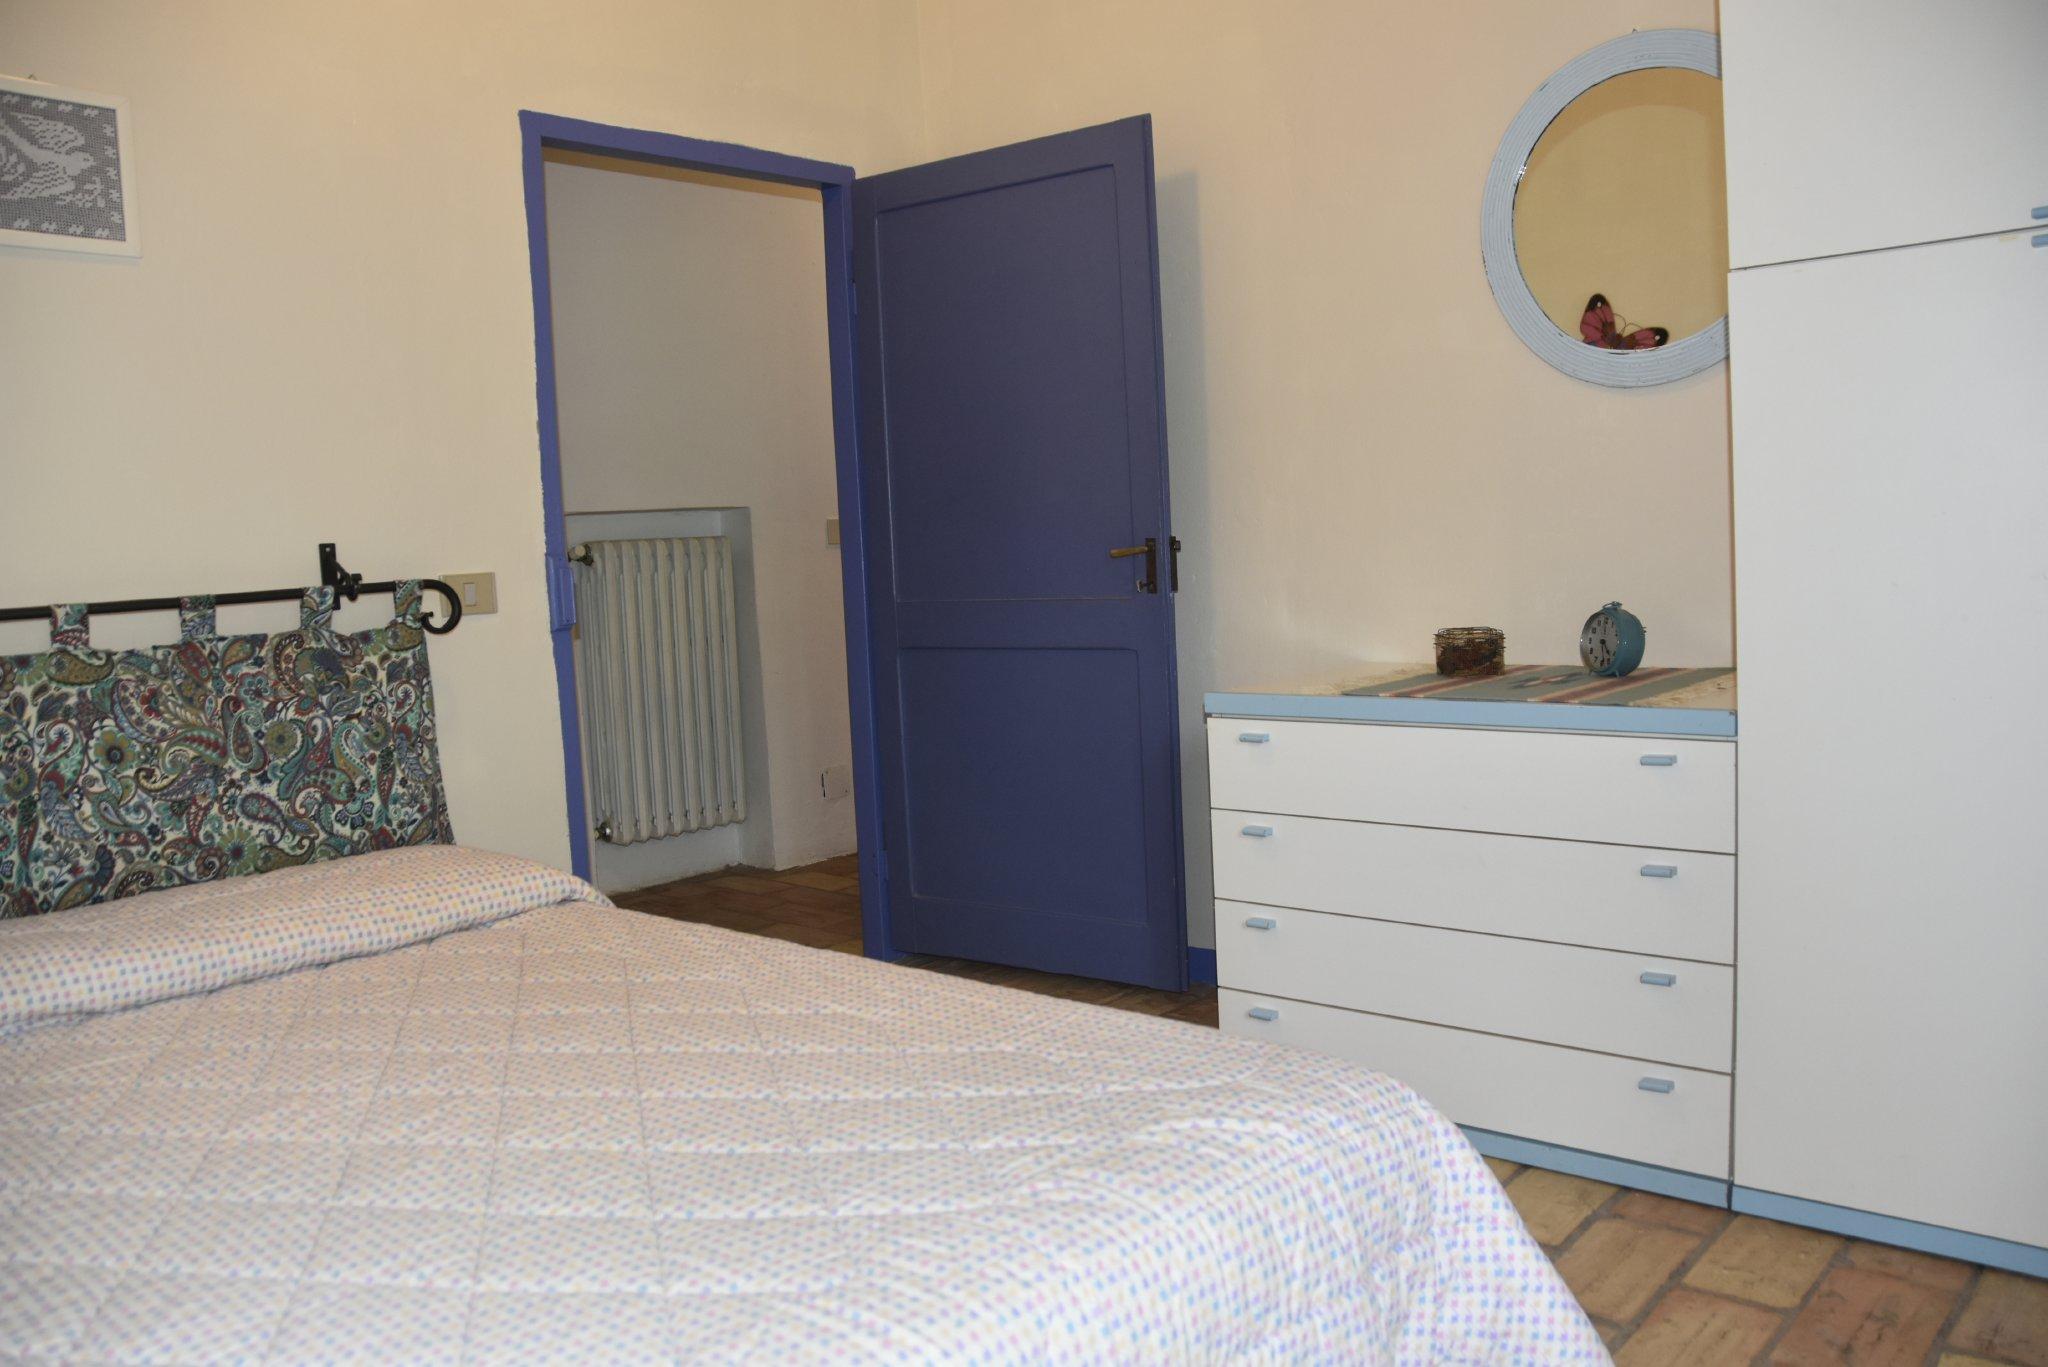 Schlafzimmer mit einem großen Bett